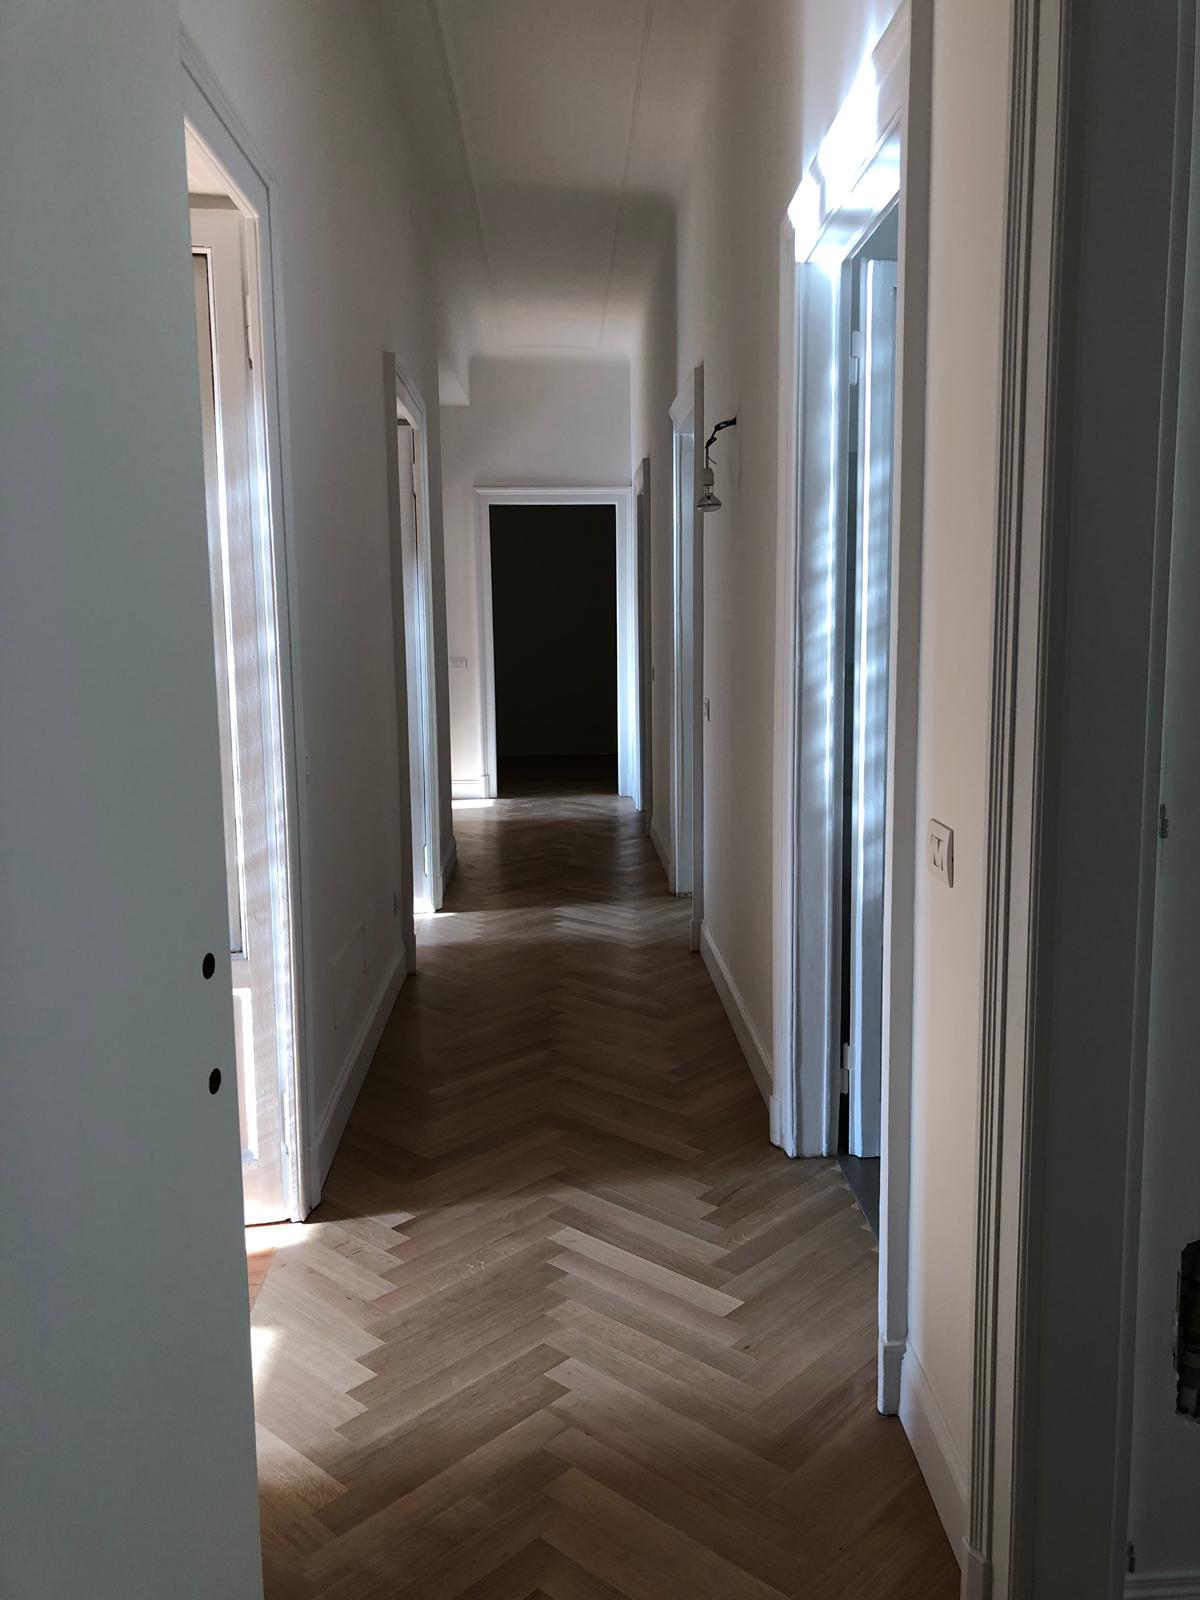 7. Corridoio con pavimento in parquet in doghe di legno disposte a spina di pesce all'italiana e porte con imbotti in legno laccato: lavori in corso.